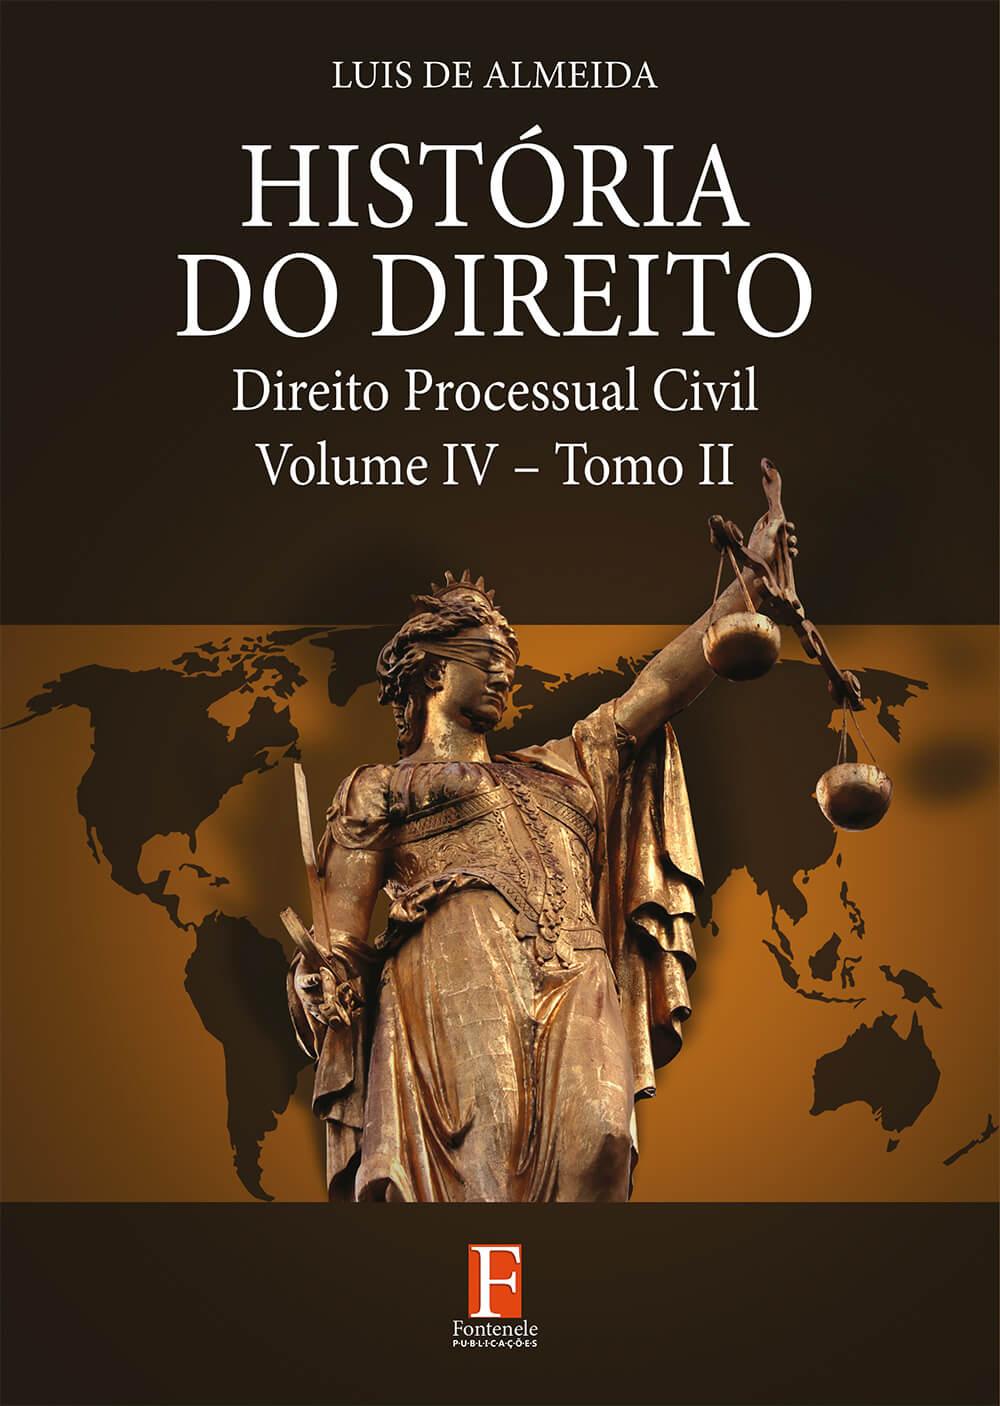 Fontenele Publicações / 11 95150-3481 / 11  95150-4383 HISTÓRIA DO DIREITO: Direito Processual Civil – Volume: IV – Tomo: II